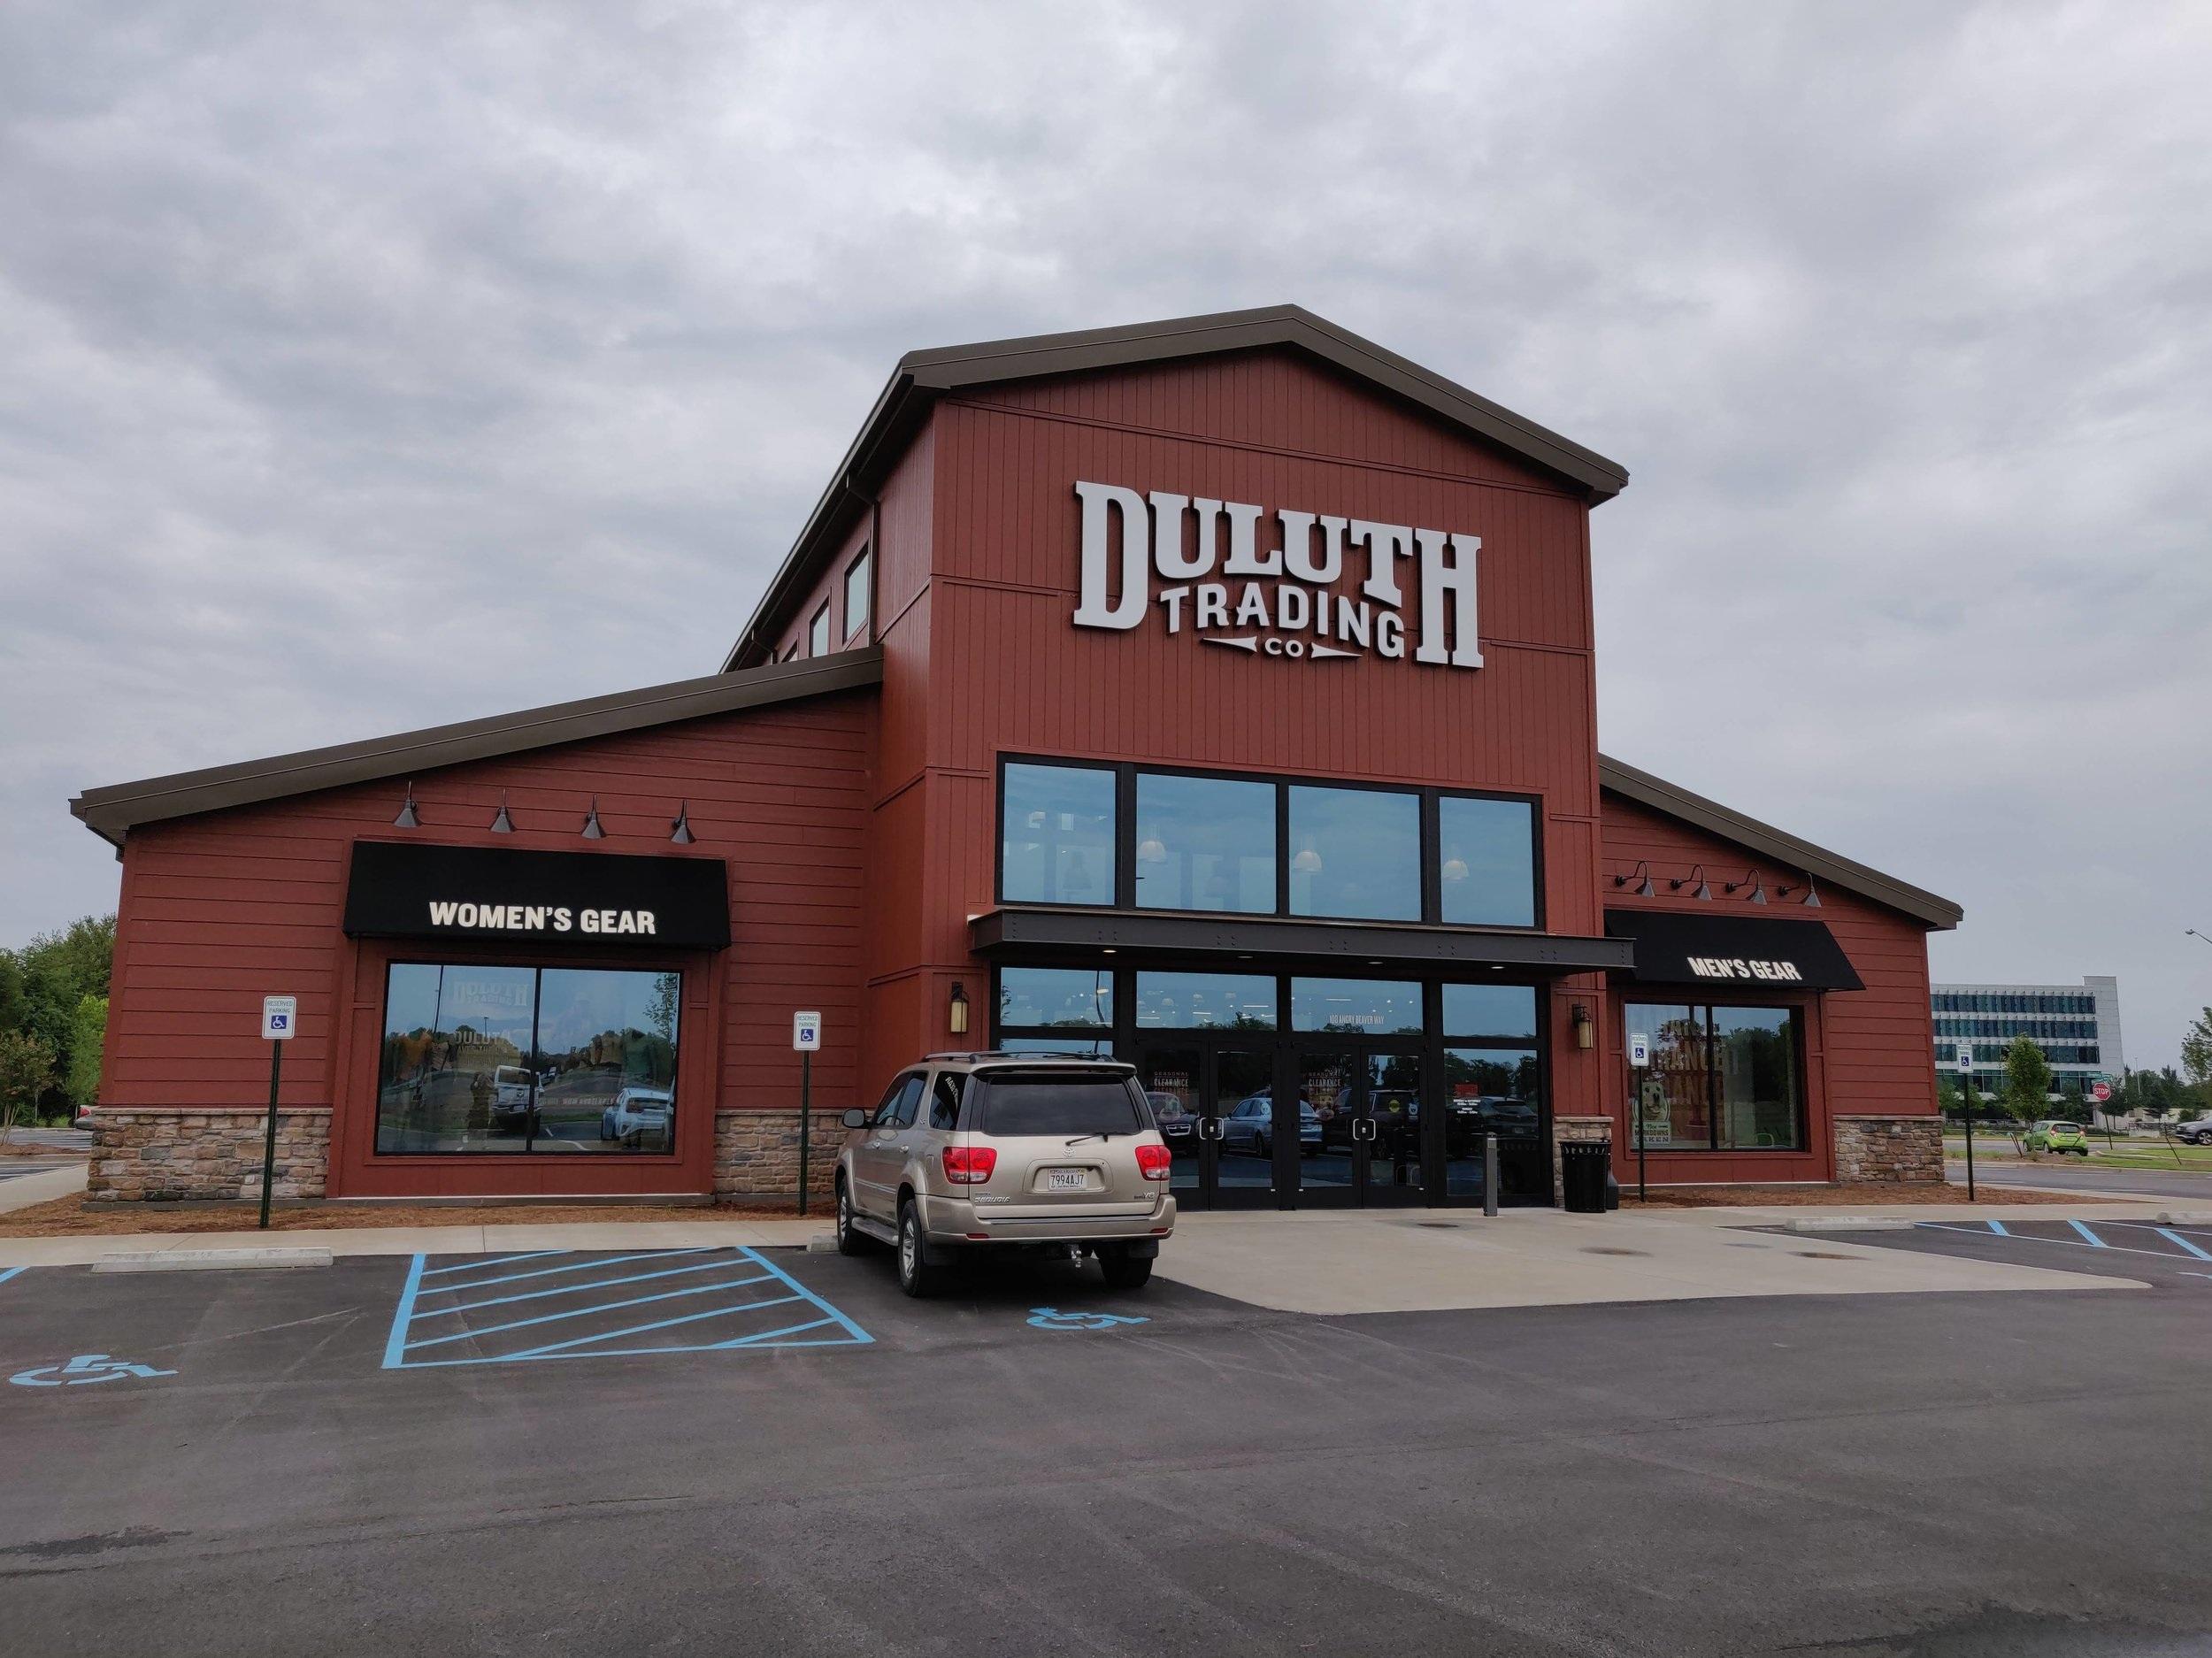 Duluth Trading - Madison, Alabama